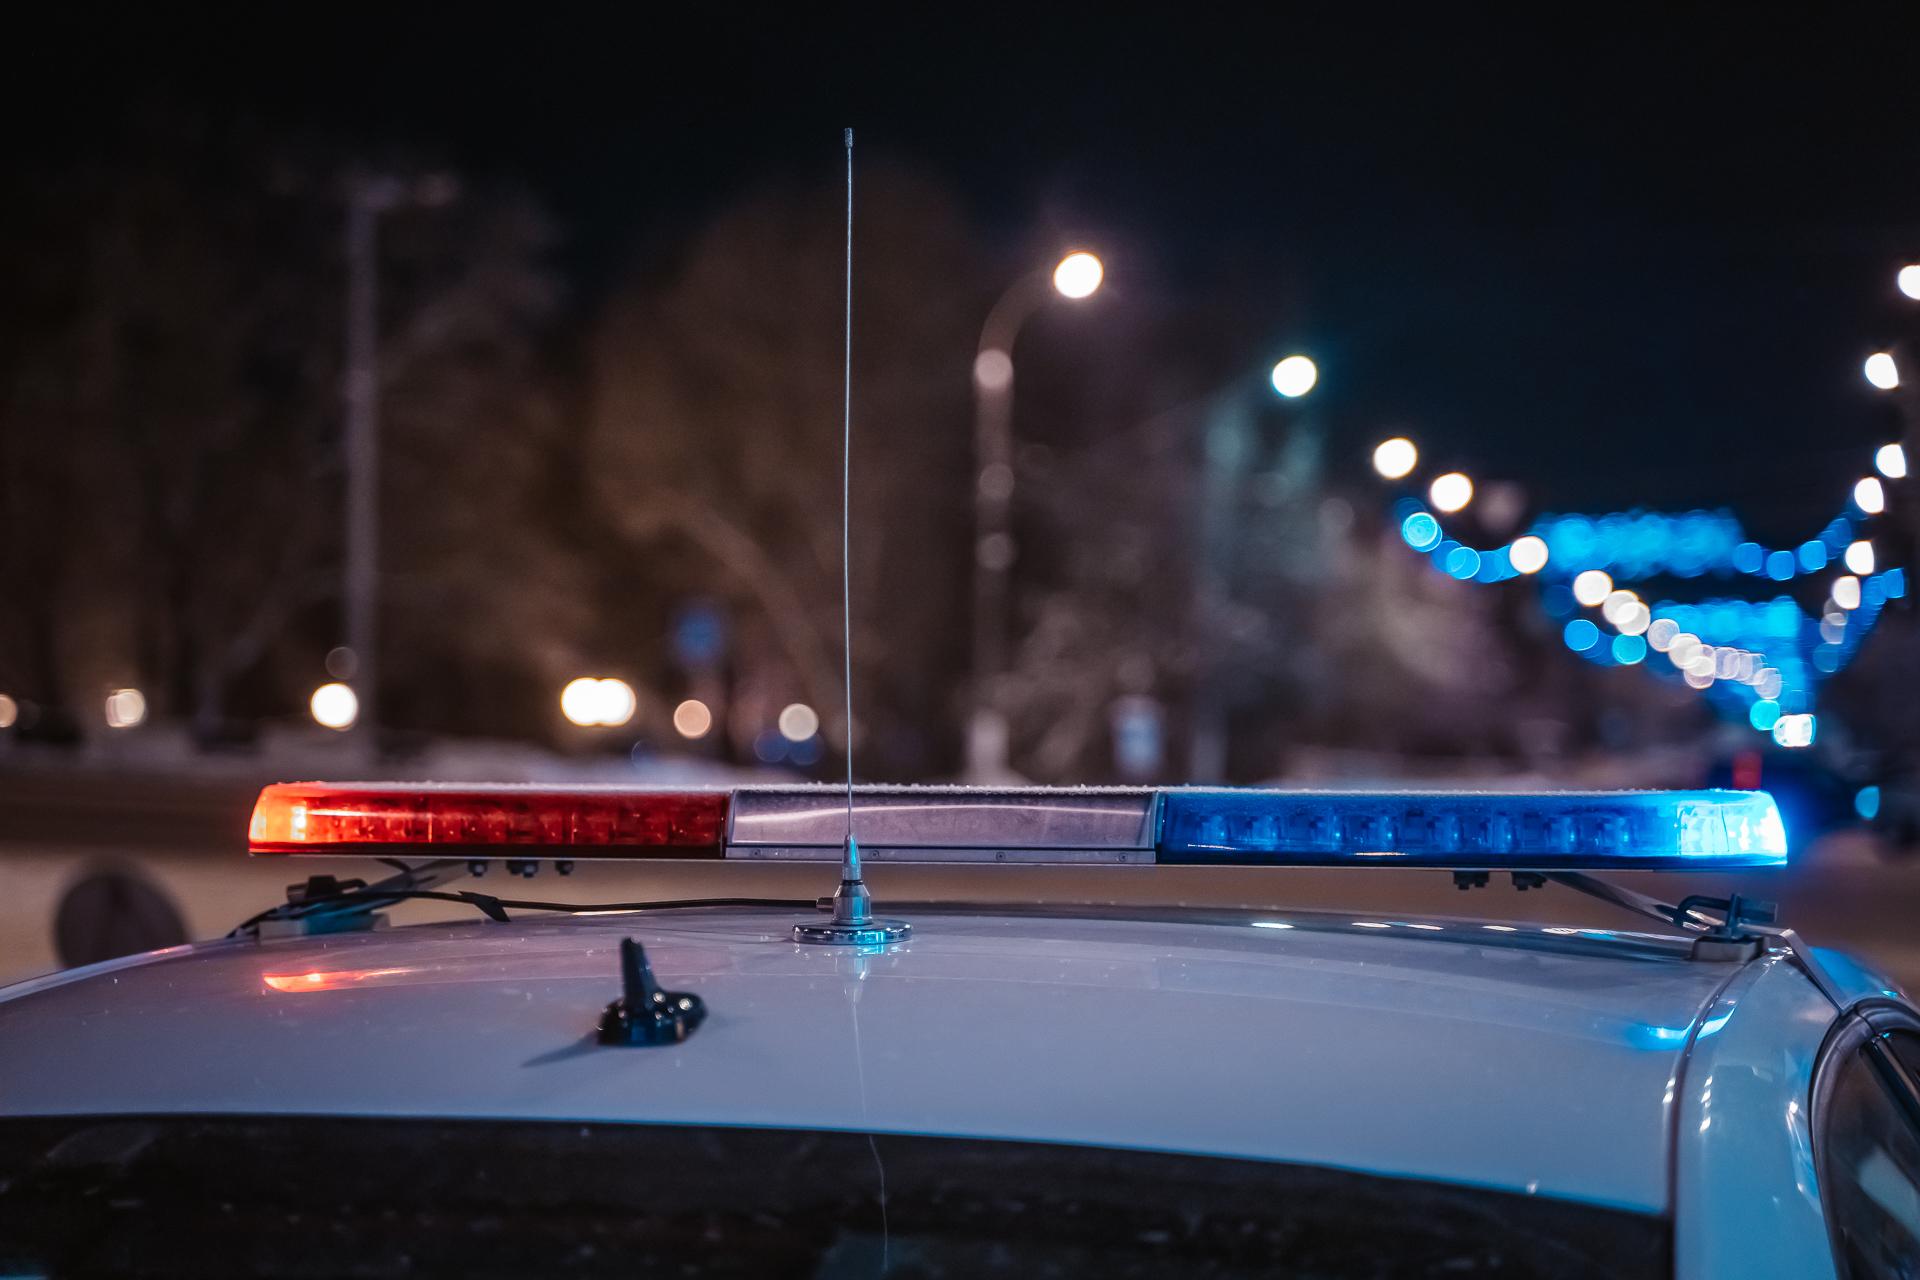 В аварии в Тверской области пострадала четырёхлетняя девочка